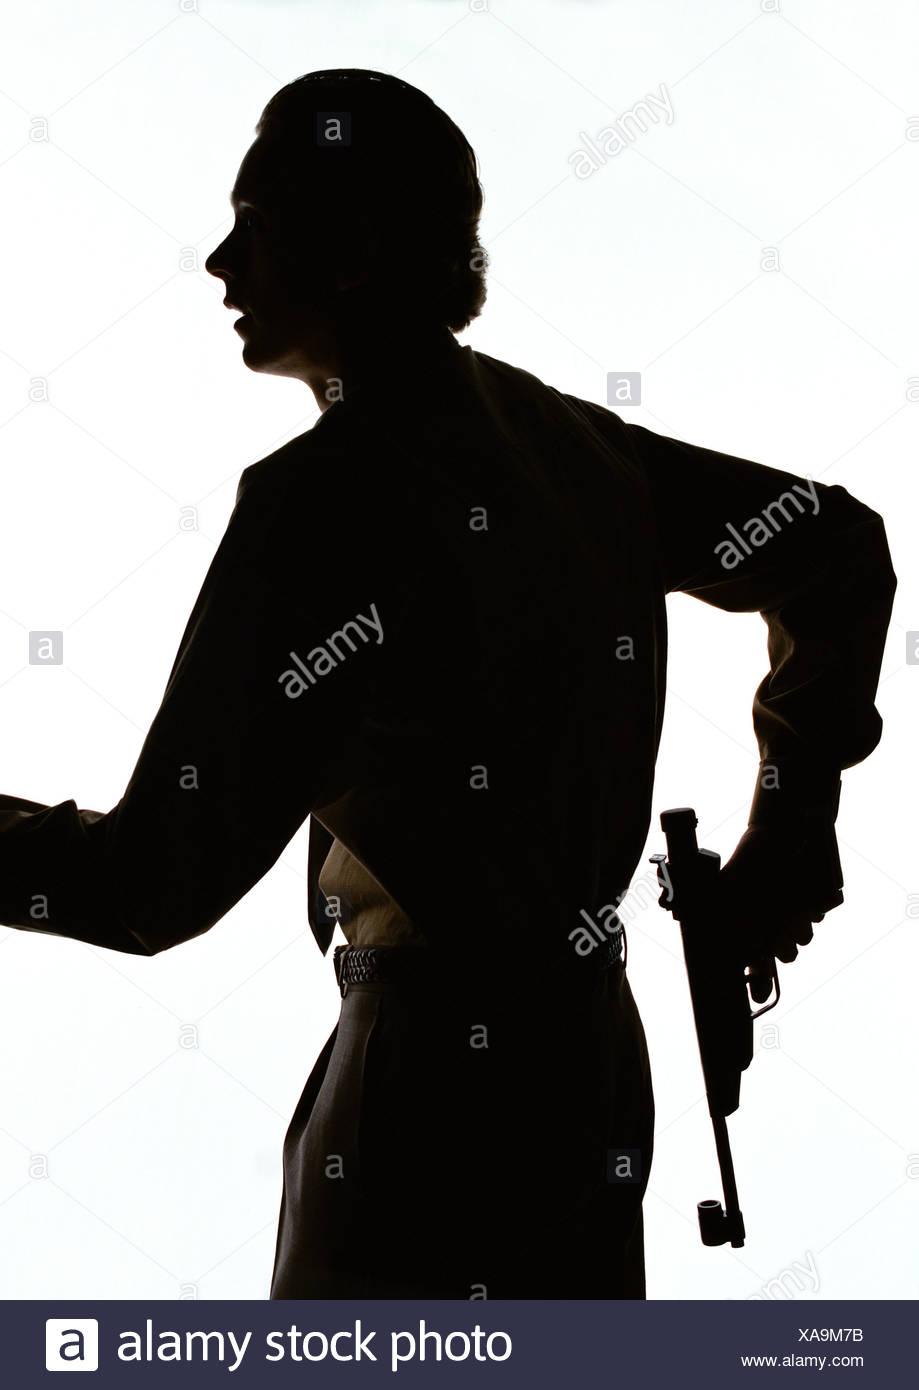 Man holding gun, silhouette. - Stock Image